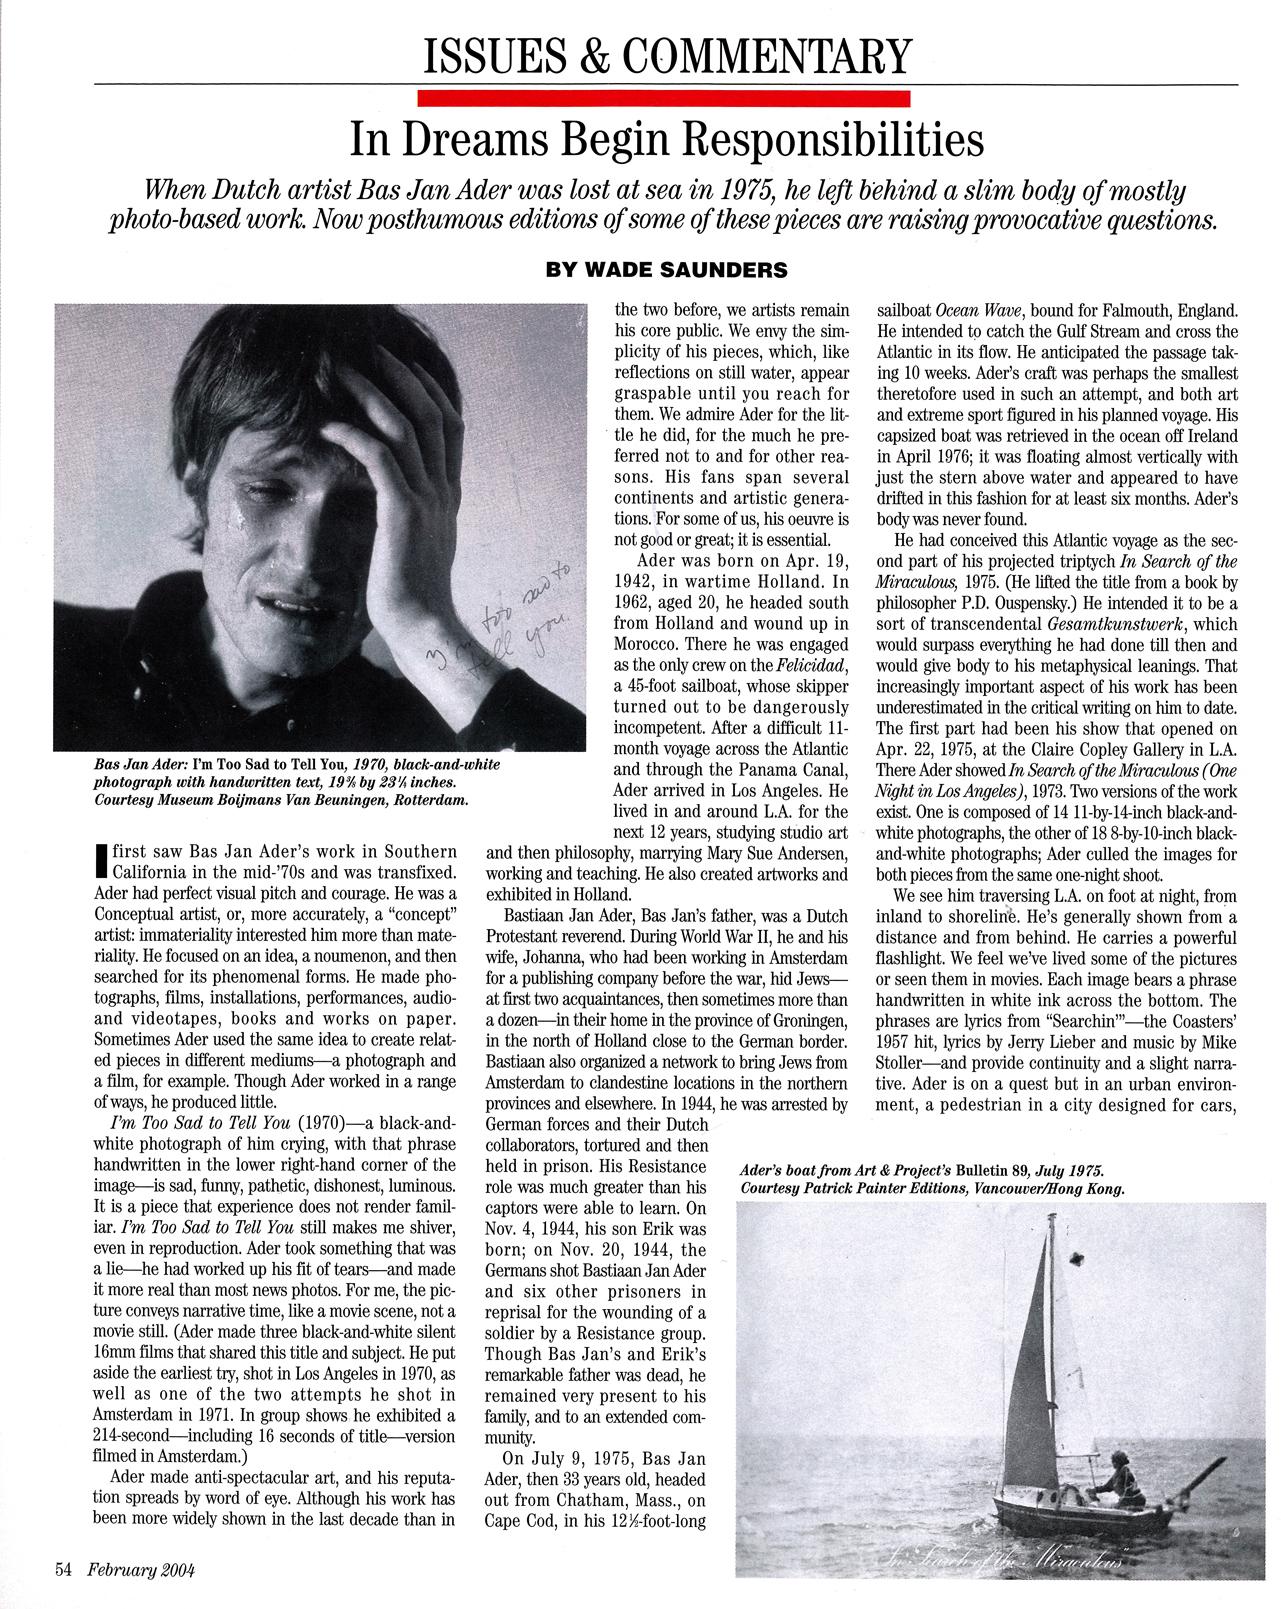 AiA-feb2004-Bas-Jan-Ader-Wade-Saunders (3)